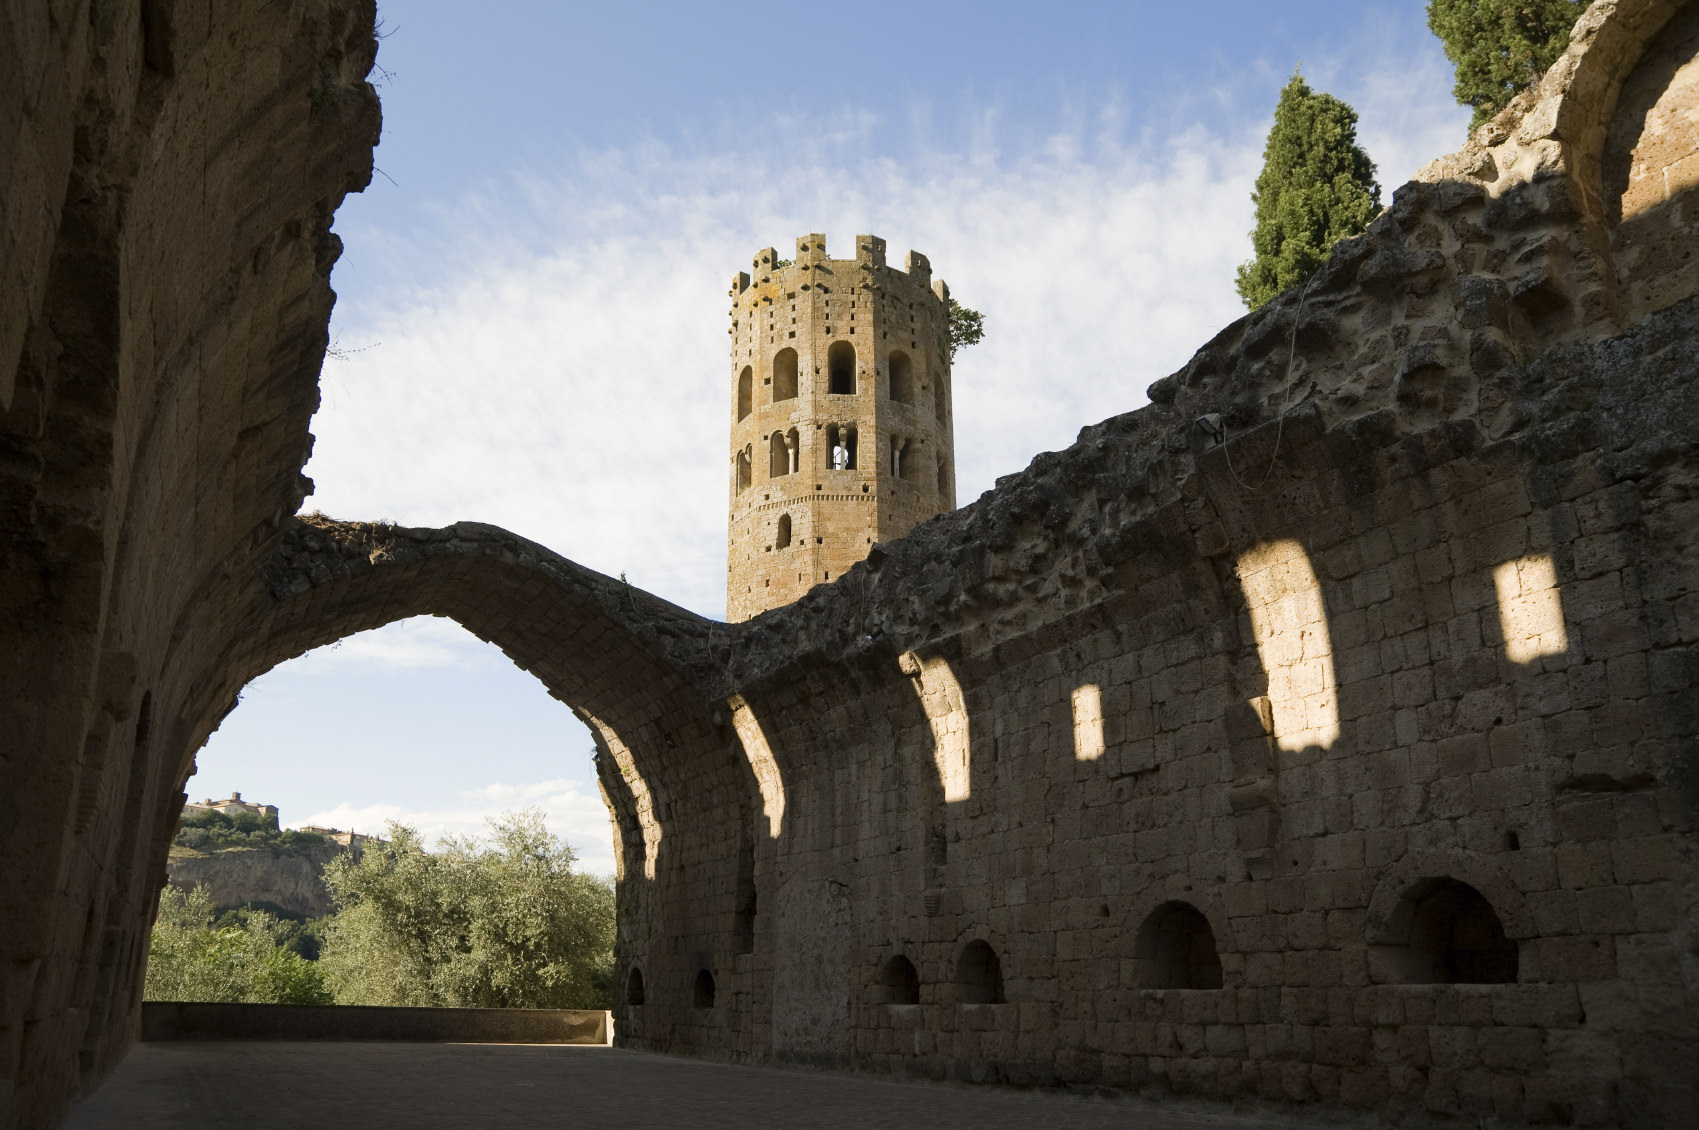 Orvieto - Luoghi da fotografare in Toscana